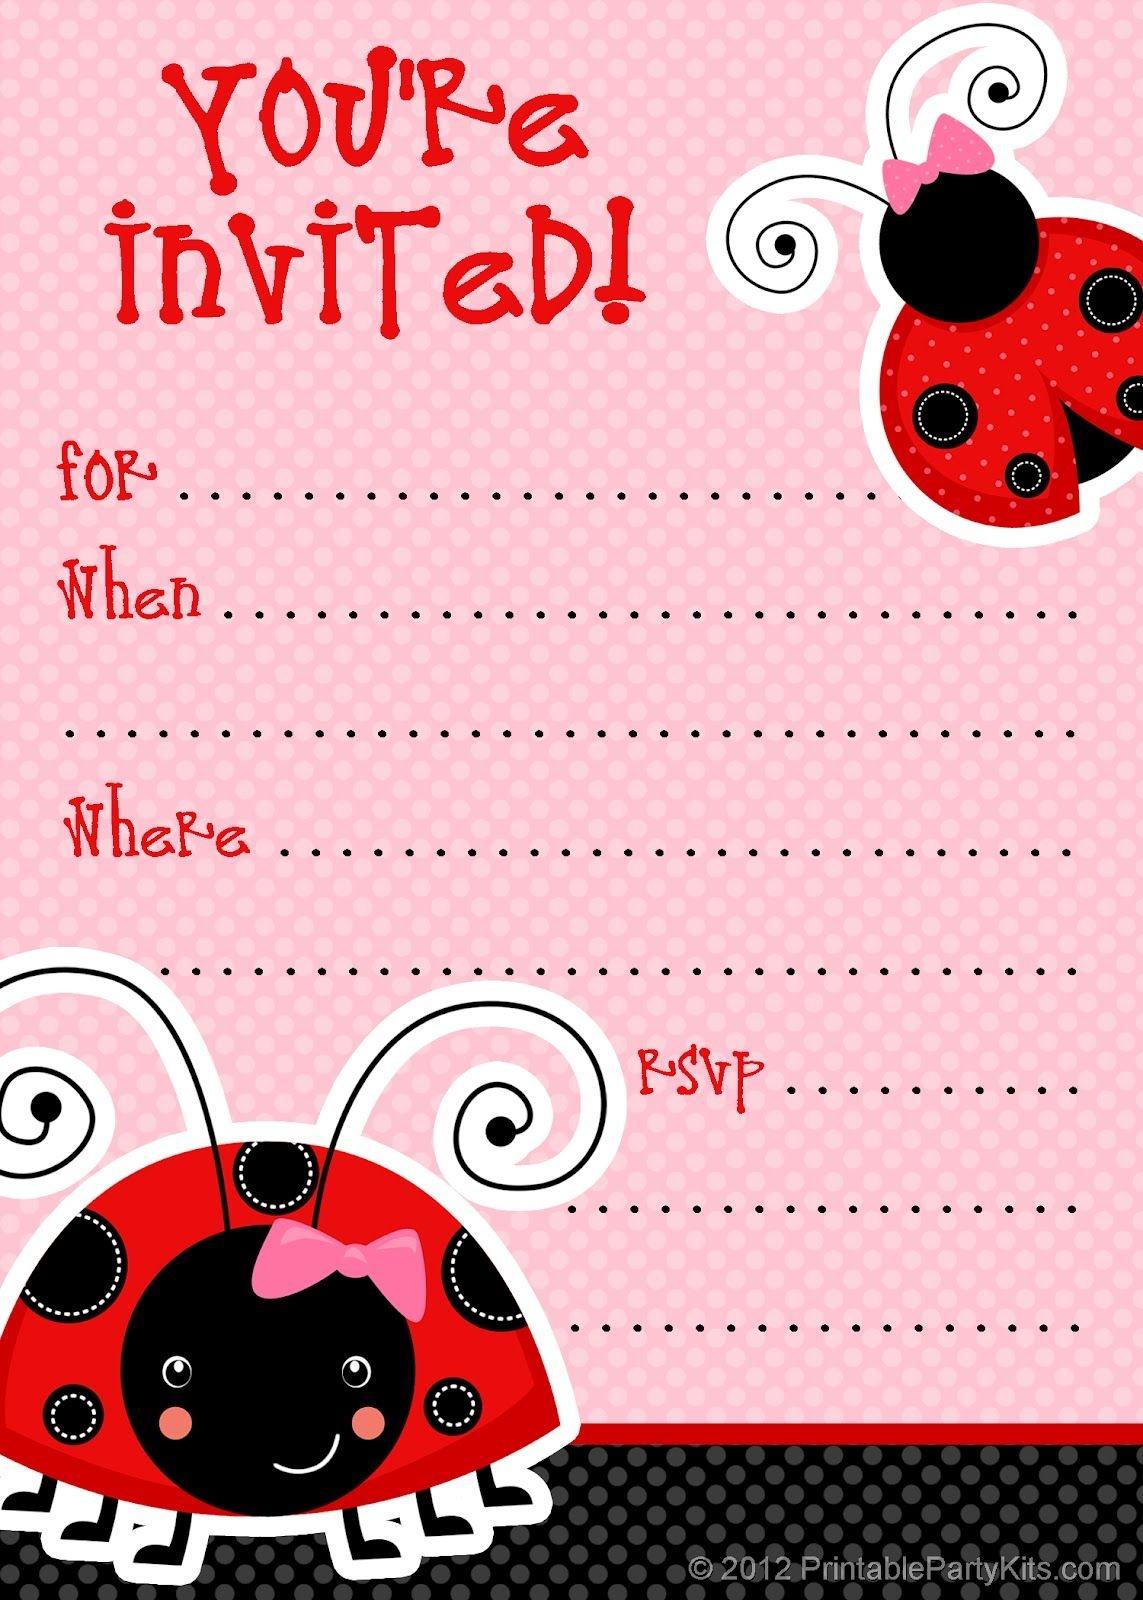 1) Free Printable Ladybug Invitation Blank Template. 2) Beautiful - Free Printable Ladybug Invitations